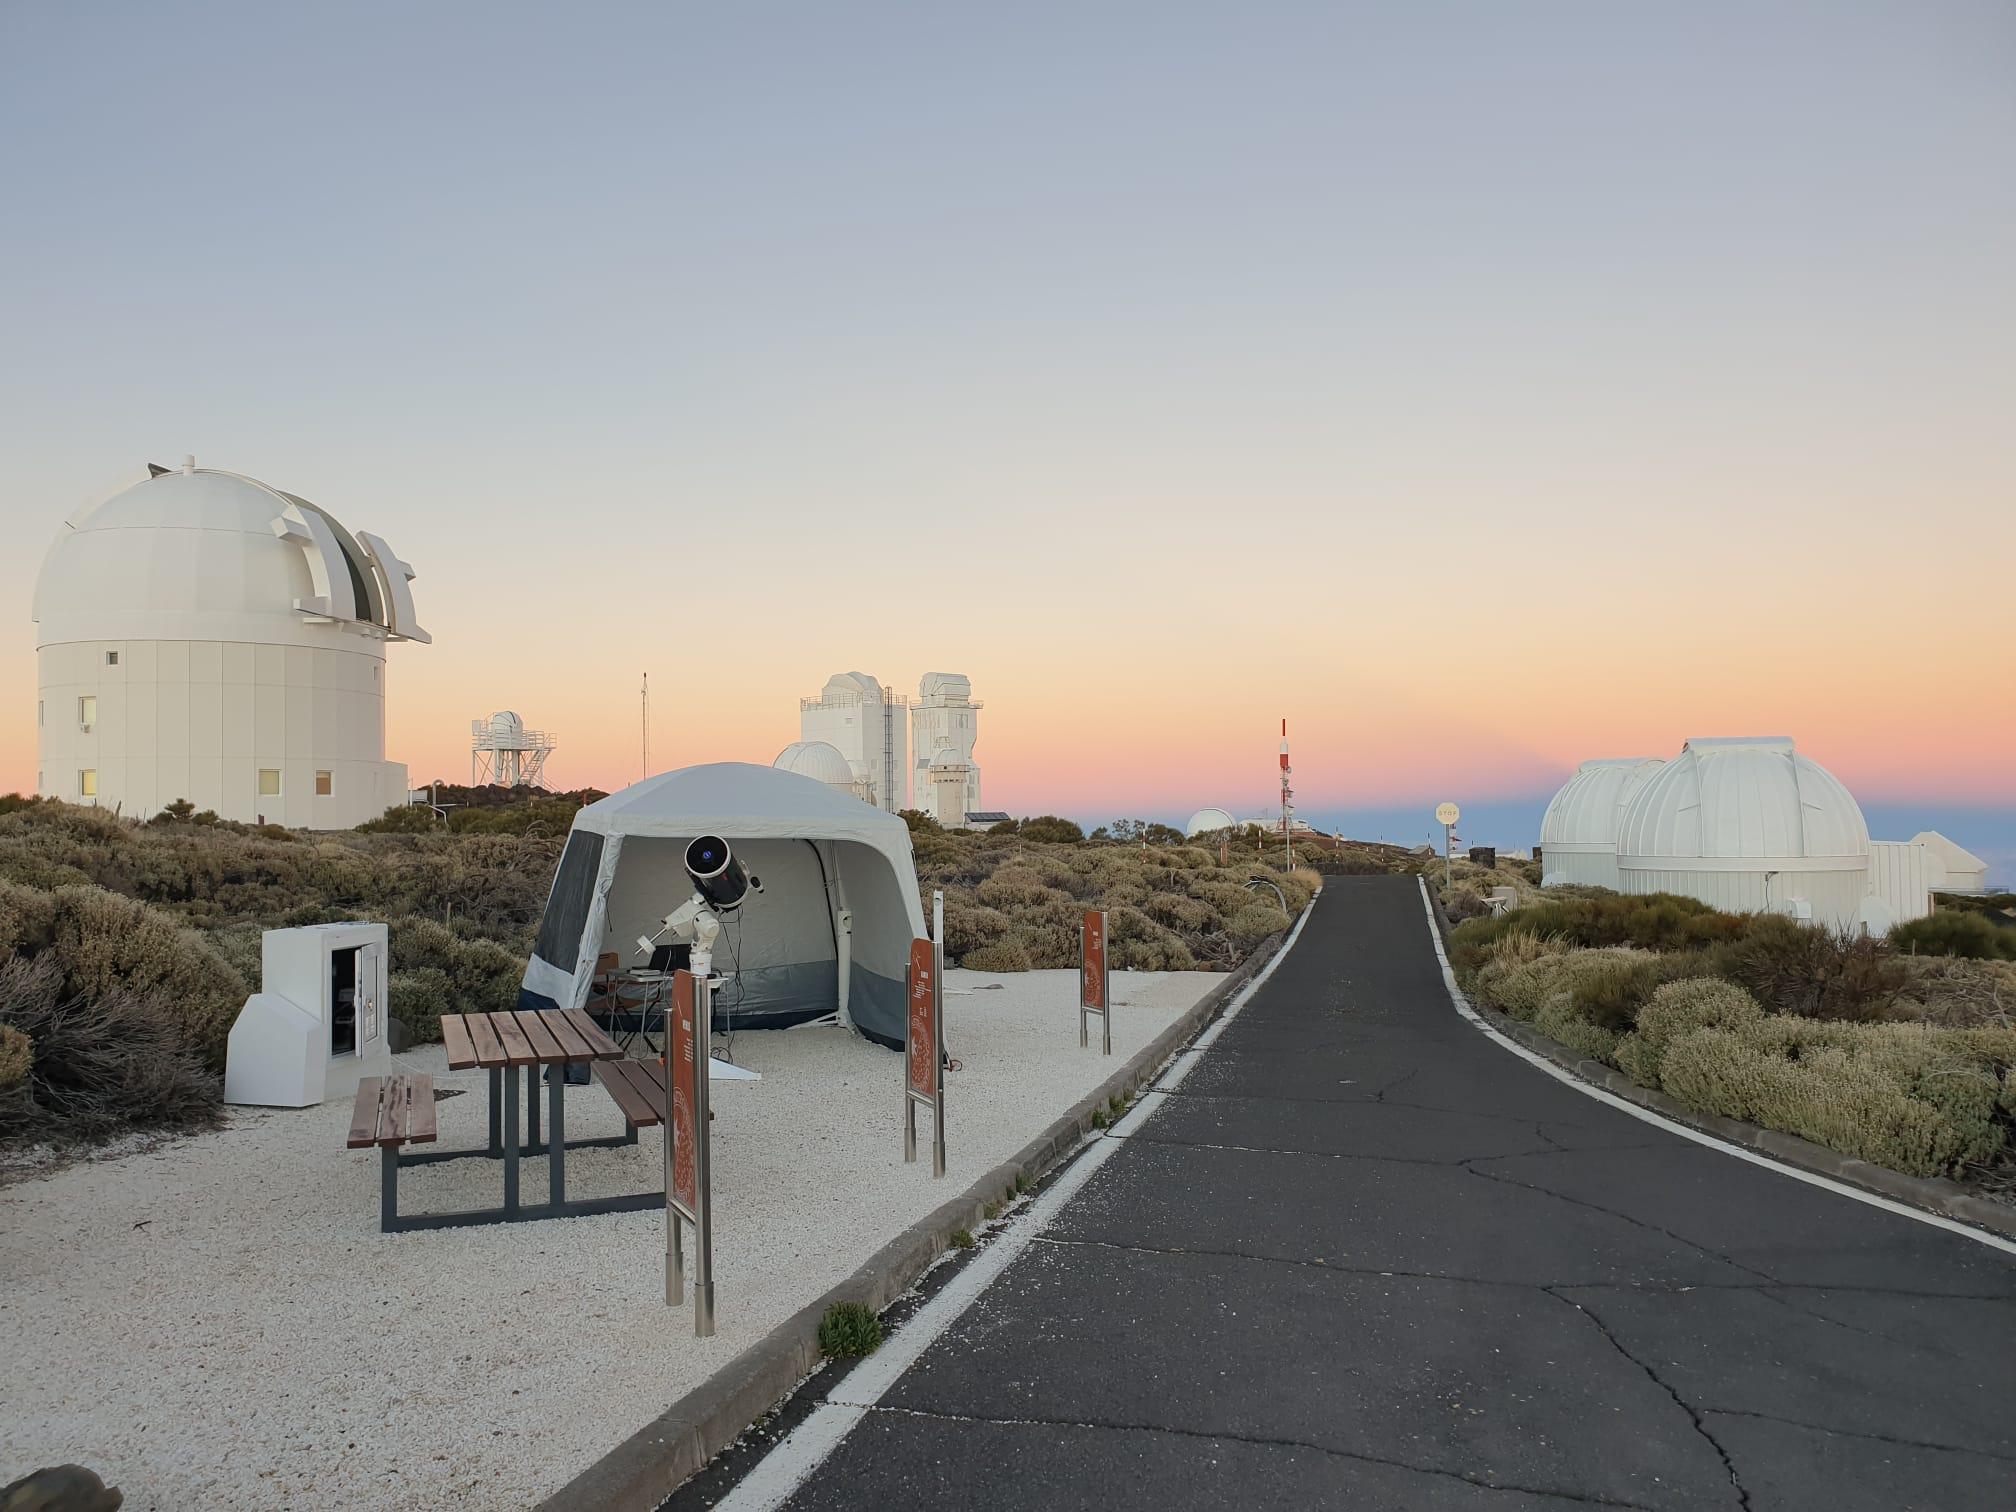 Un cielo totalmente despejado y un clima frío, aunque sin viento permitió una observación en buenas condiciones.